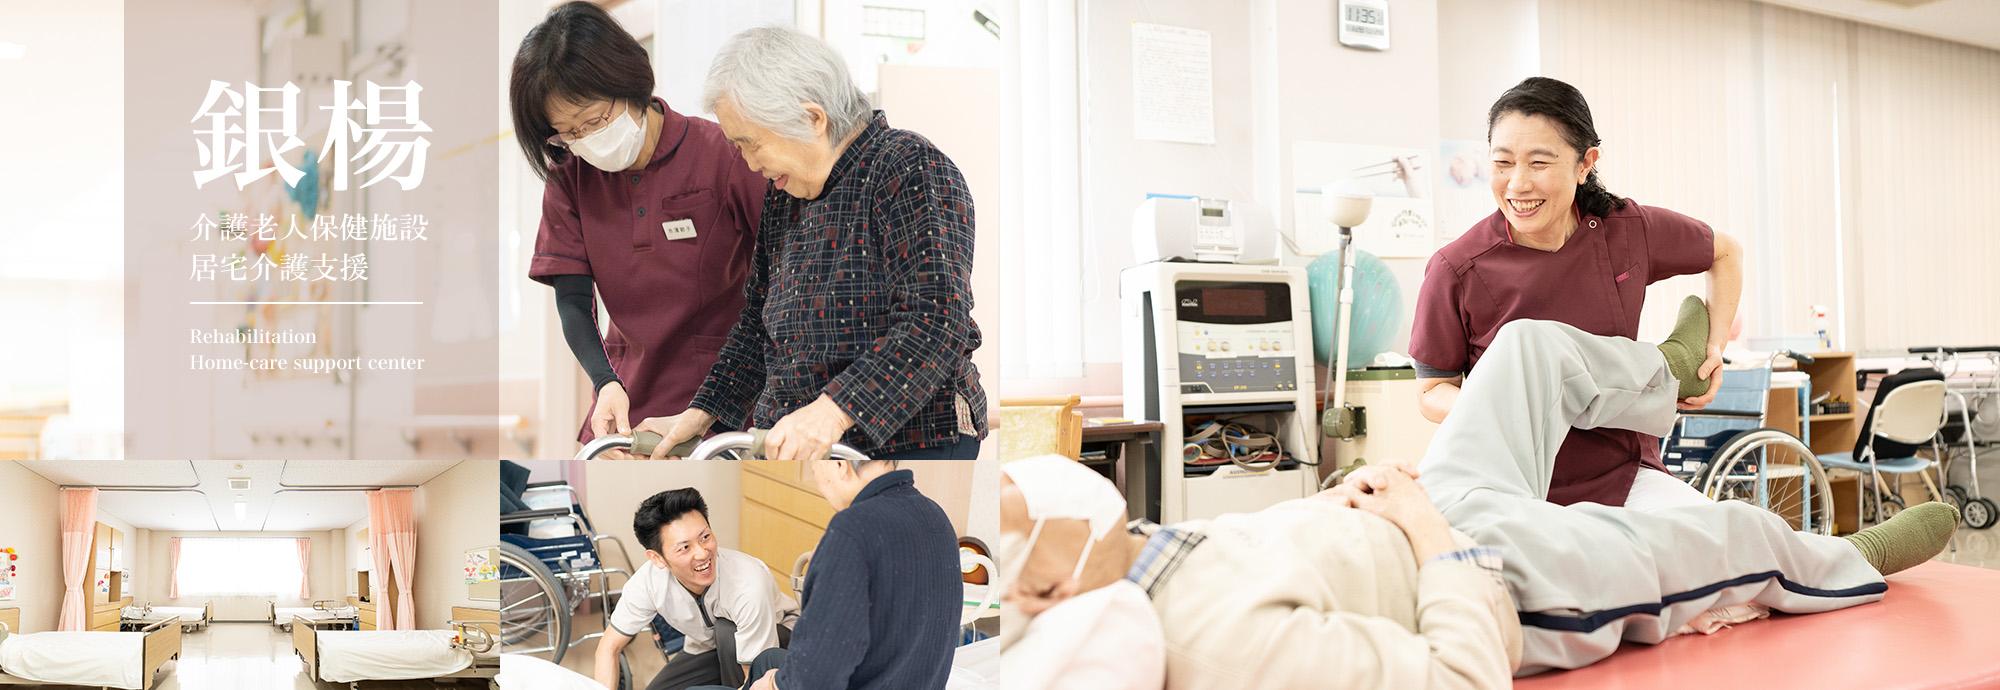 銀楊 ⽼⼈保健施設 居宅介護⽀援